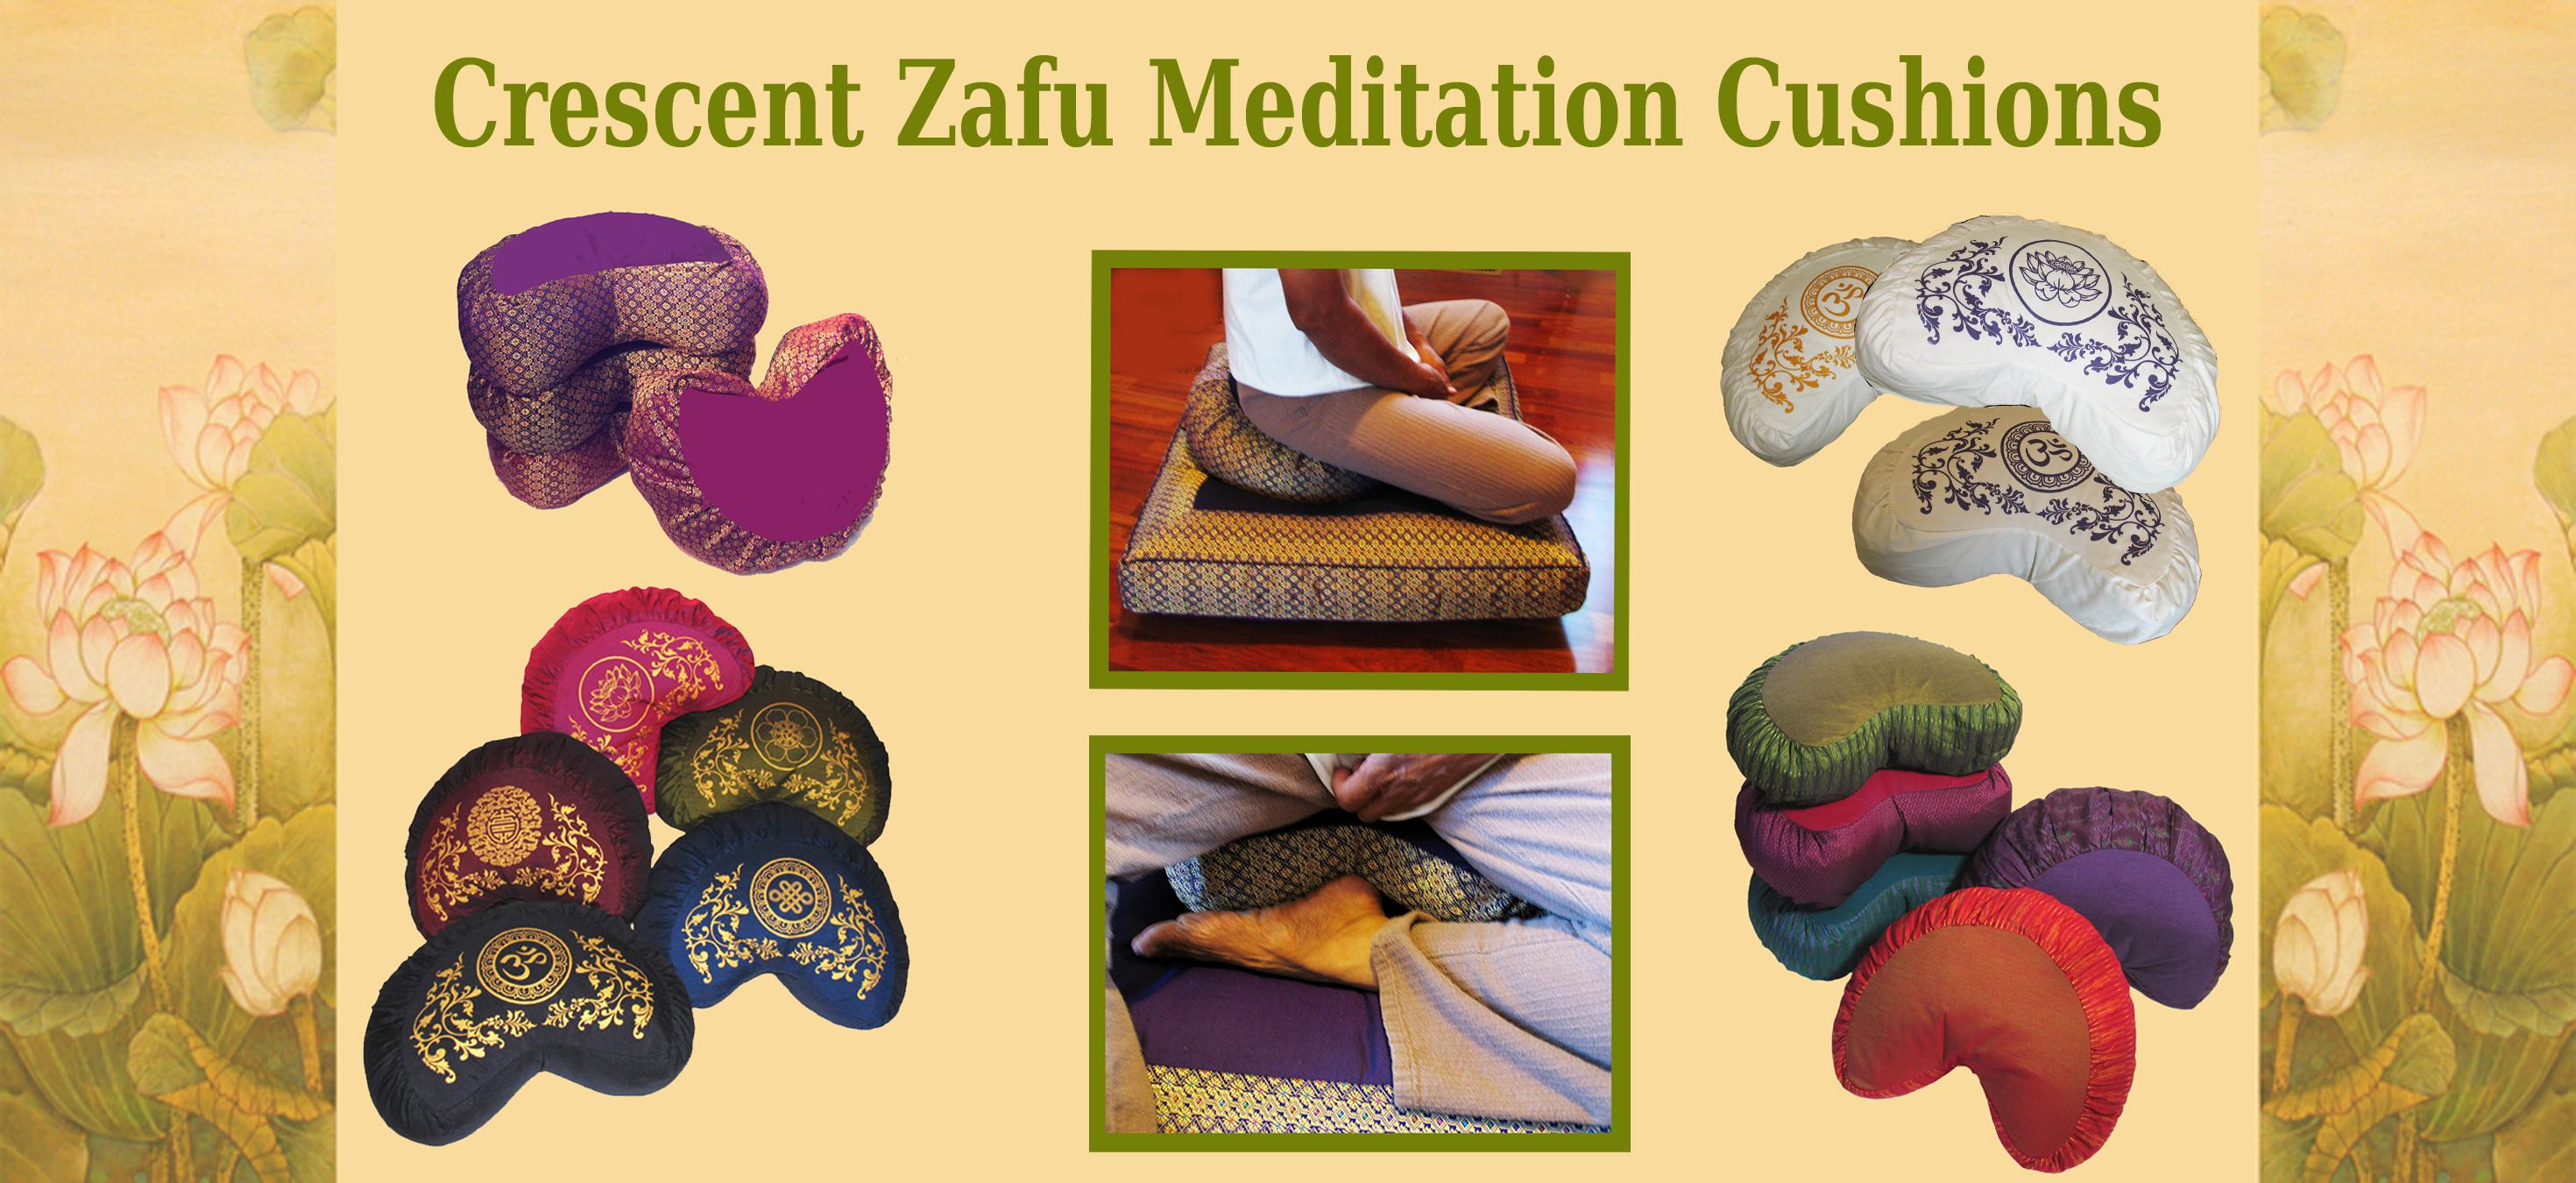 crescent-zafu-meditation-cushion.jpg